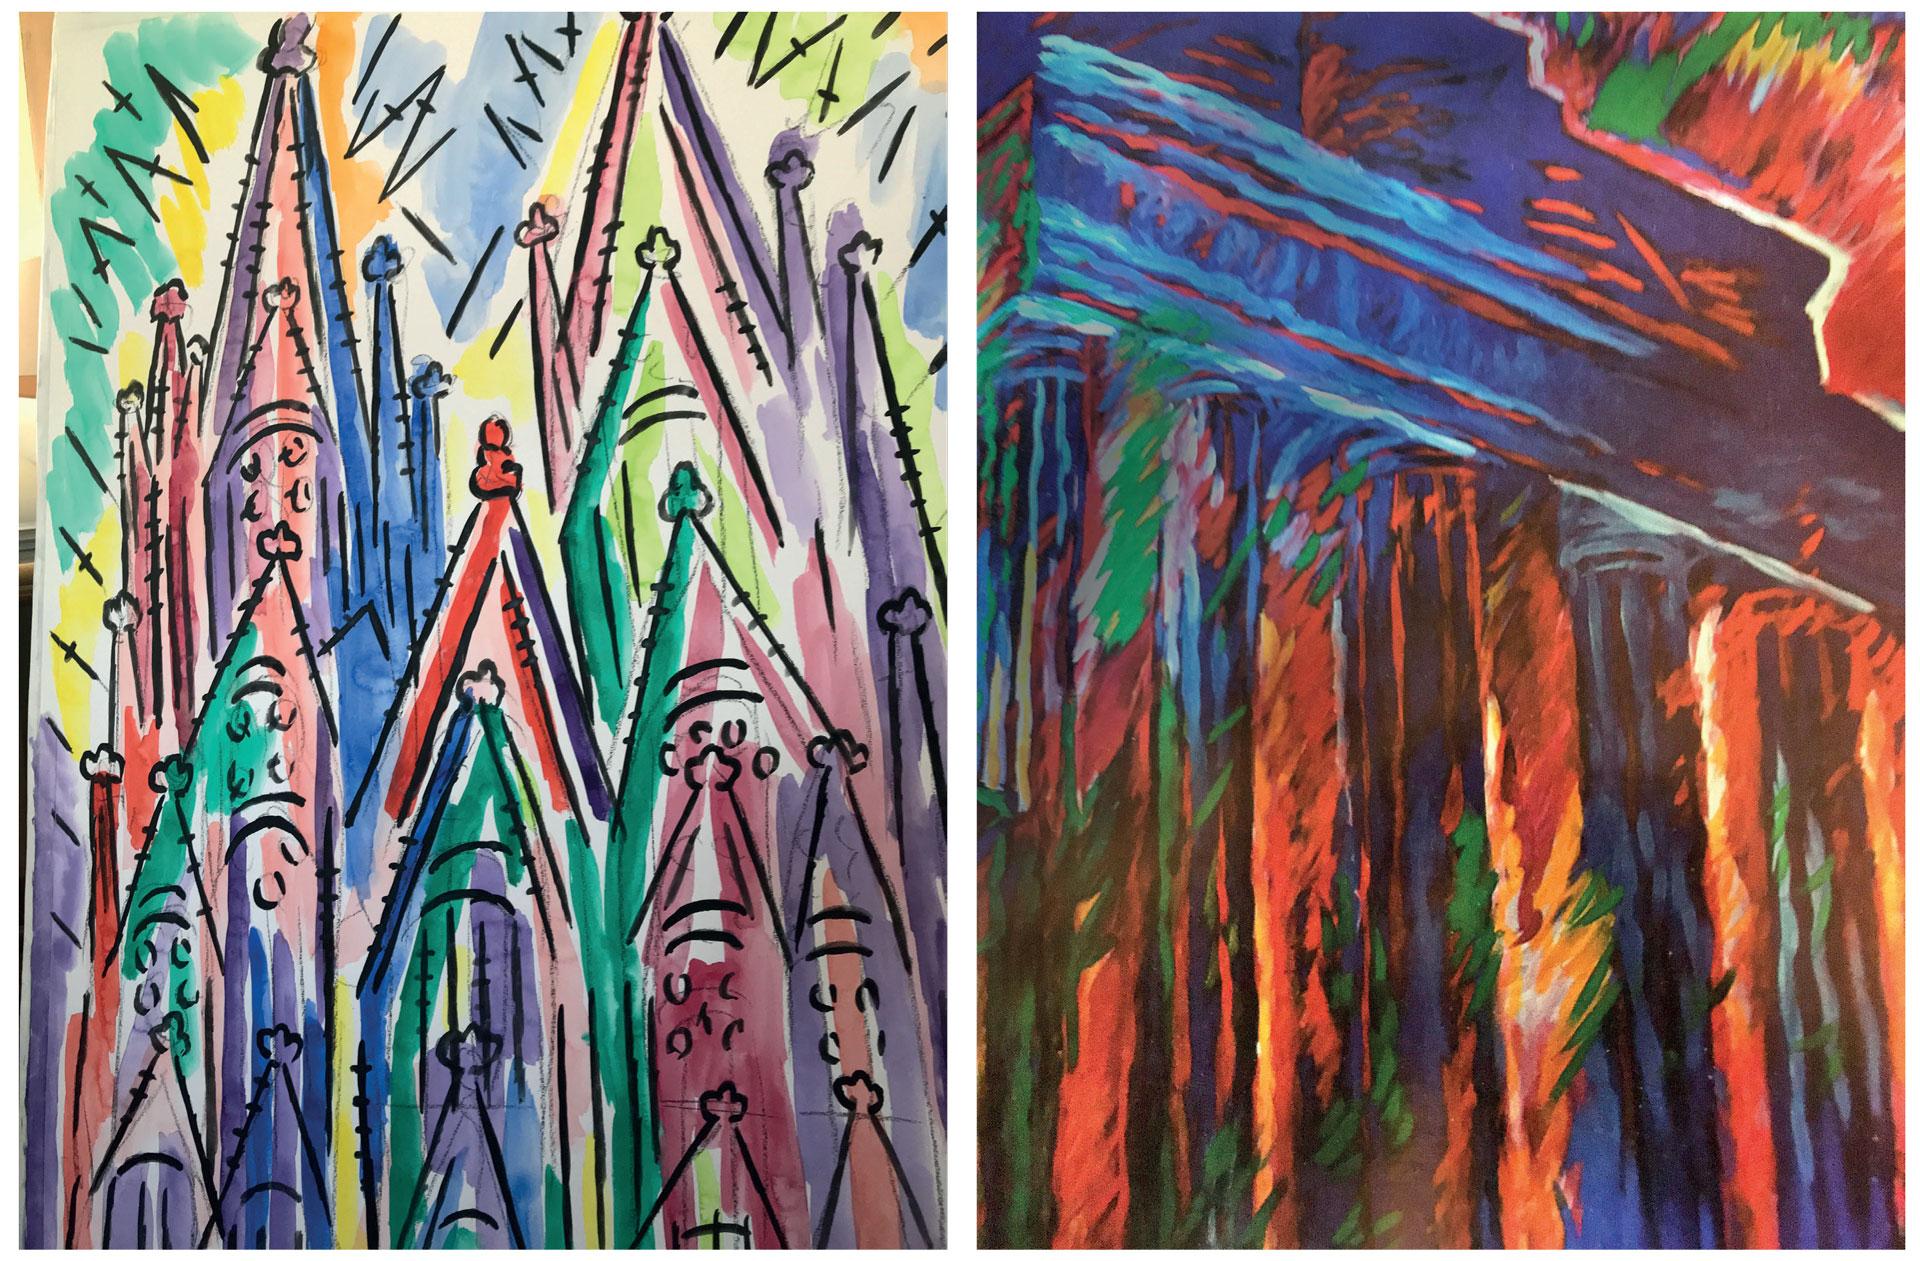 Diese Gemälde von Rolf Lukaschewski zeigen den Kölner Dom und das Brandenburger Tor